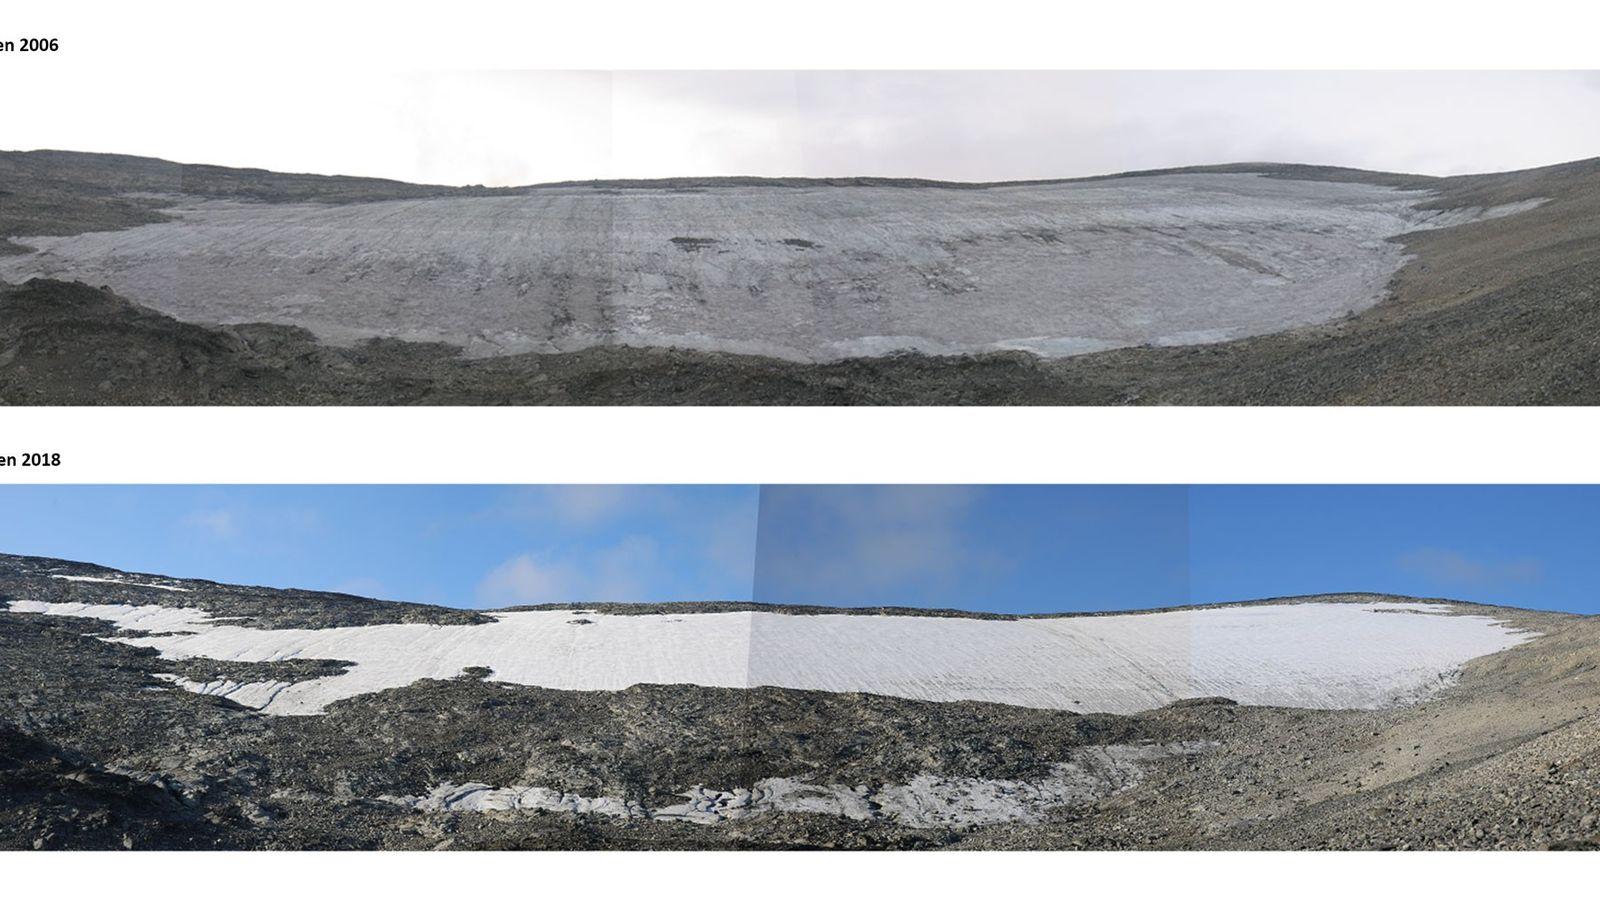 Das Lendbreen-Eisfeld schmilzt rapide ab, wie beim Vergleich dieser zwei Aufnahmen von 2006 (oben) und 2018 ...